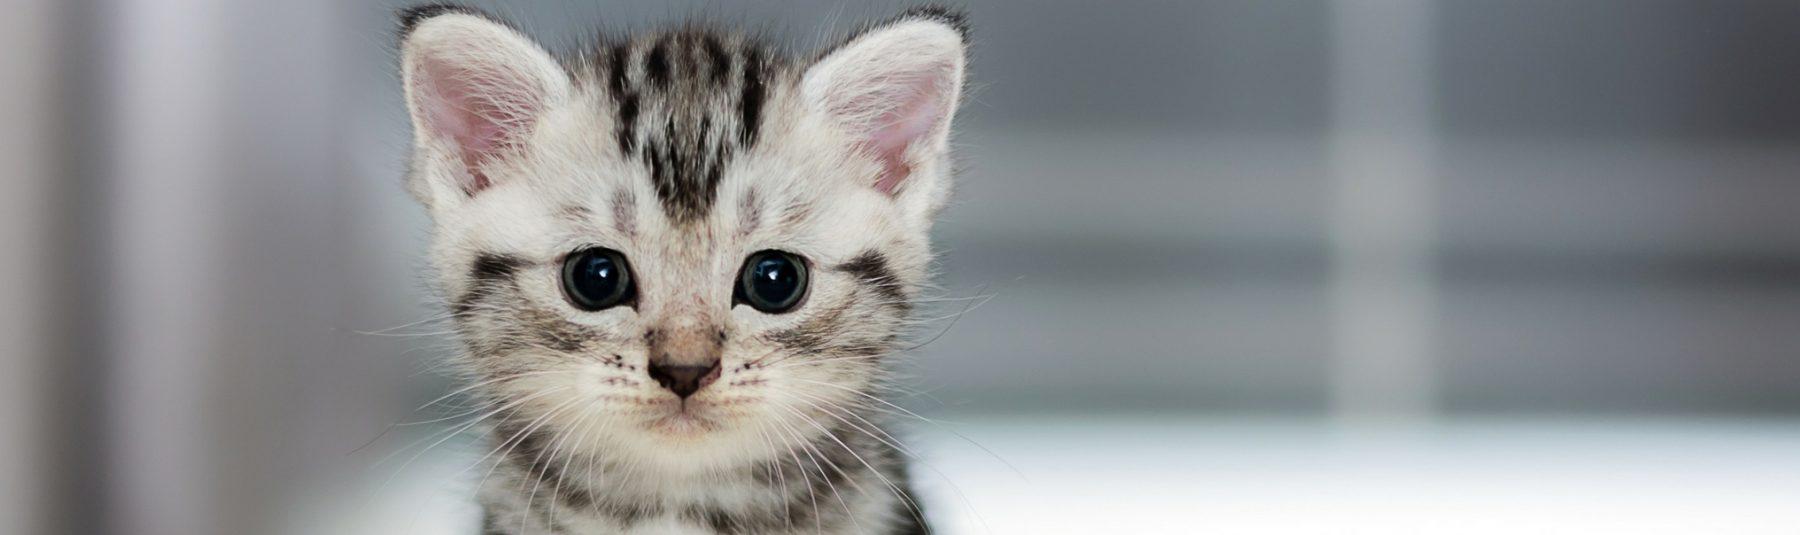 kitten-spay-neuter